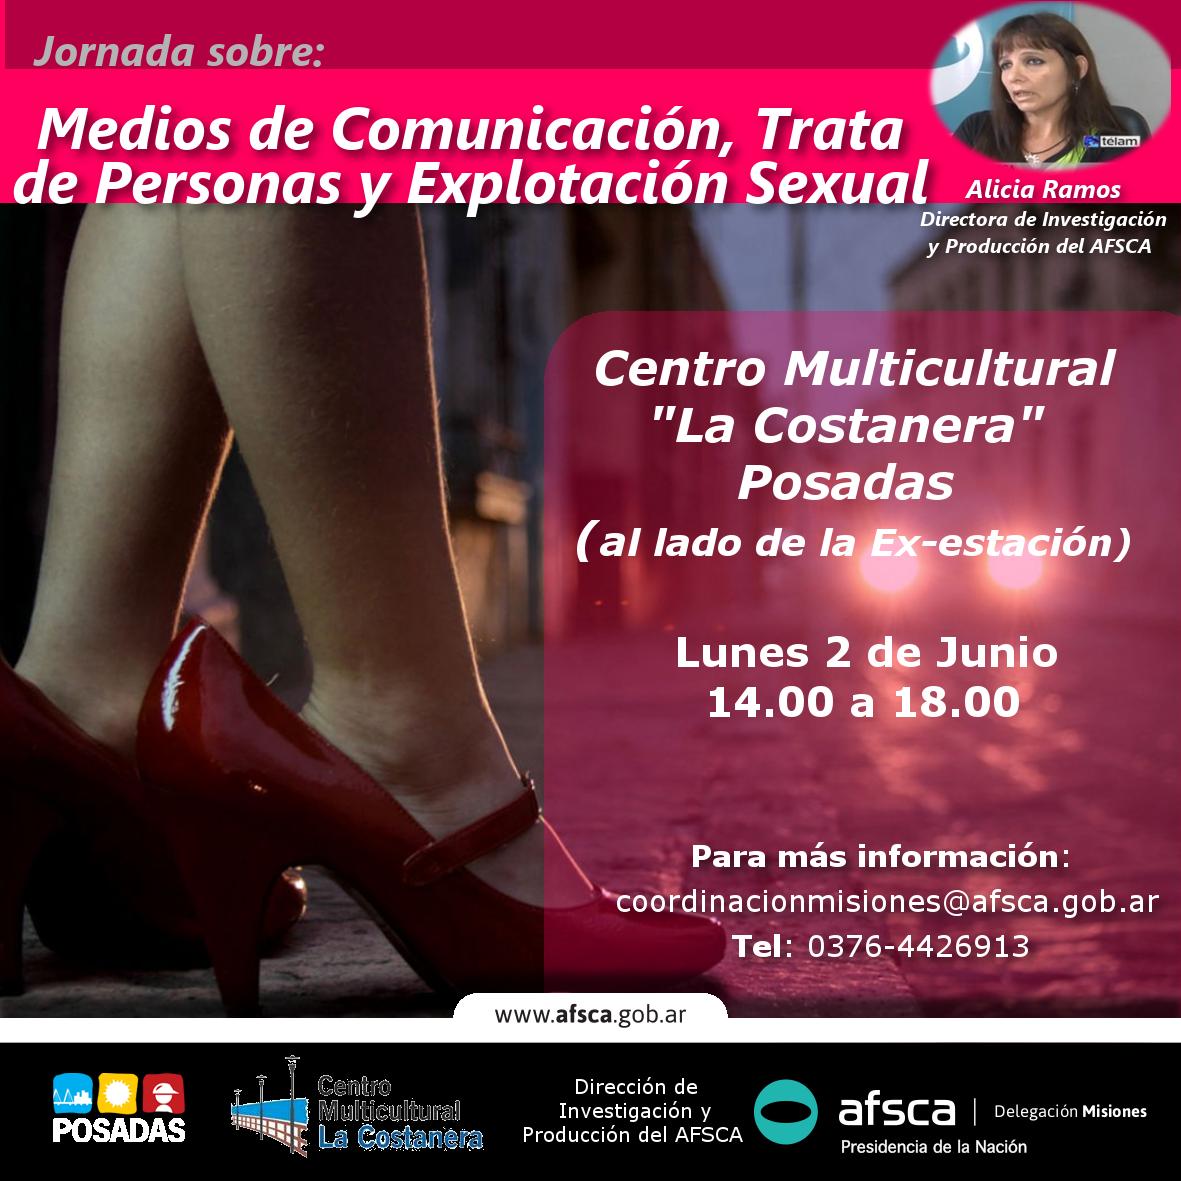 Afsca convocó a jornada sobre Medios de comunicación, trata de personas y explotación sexual